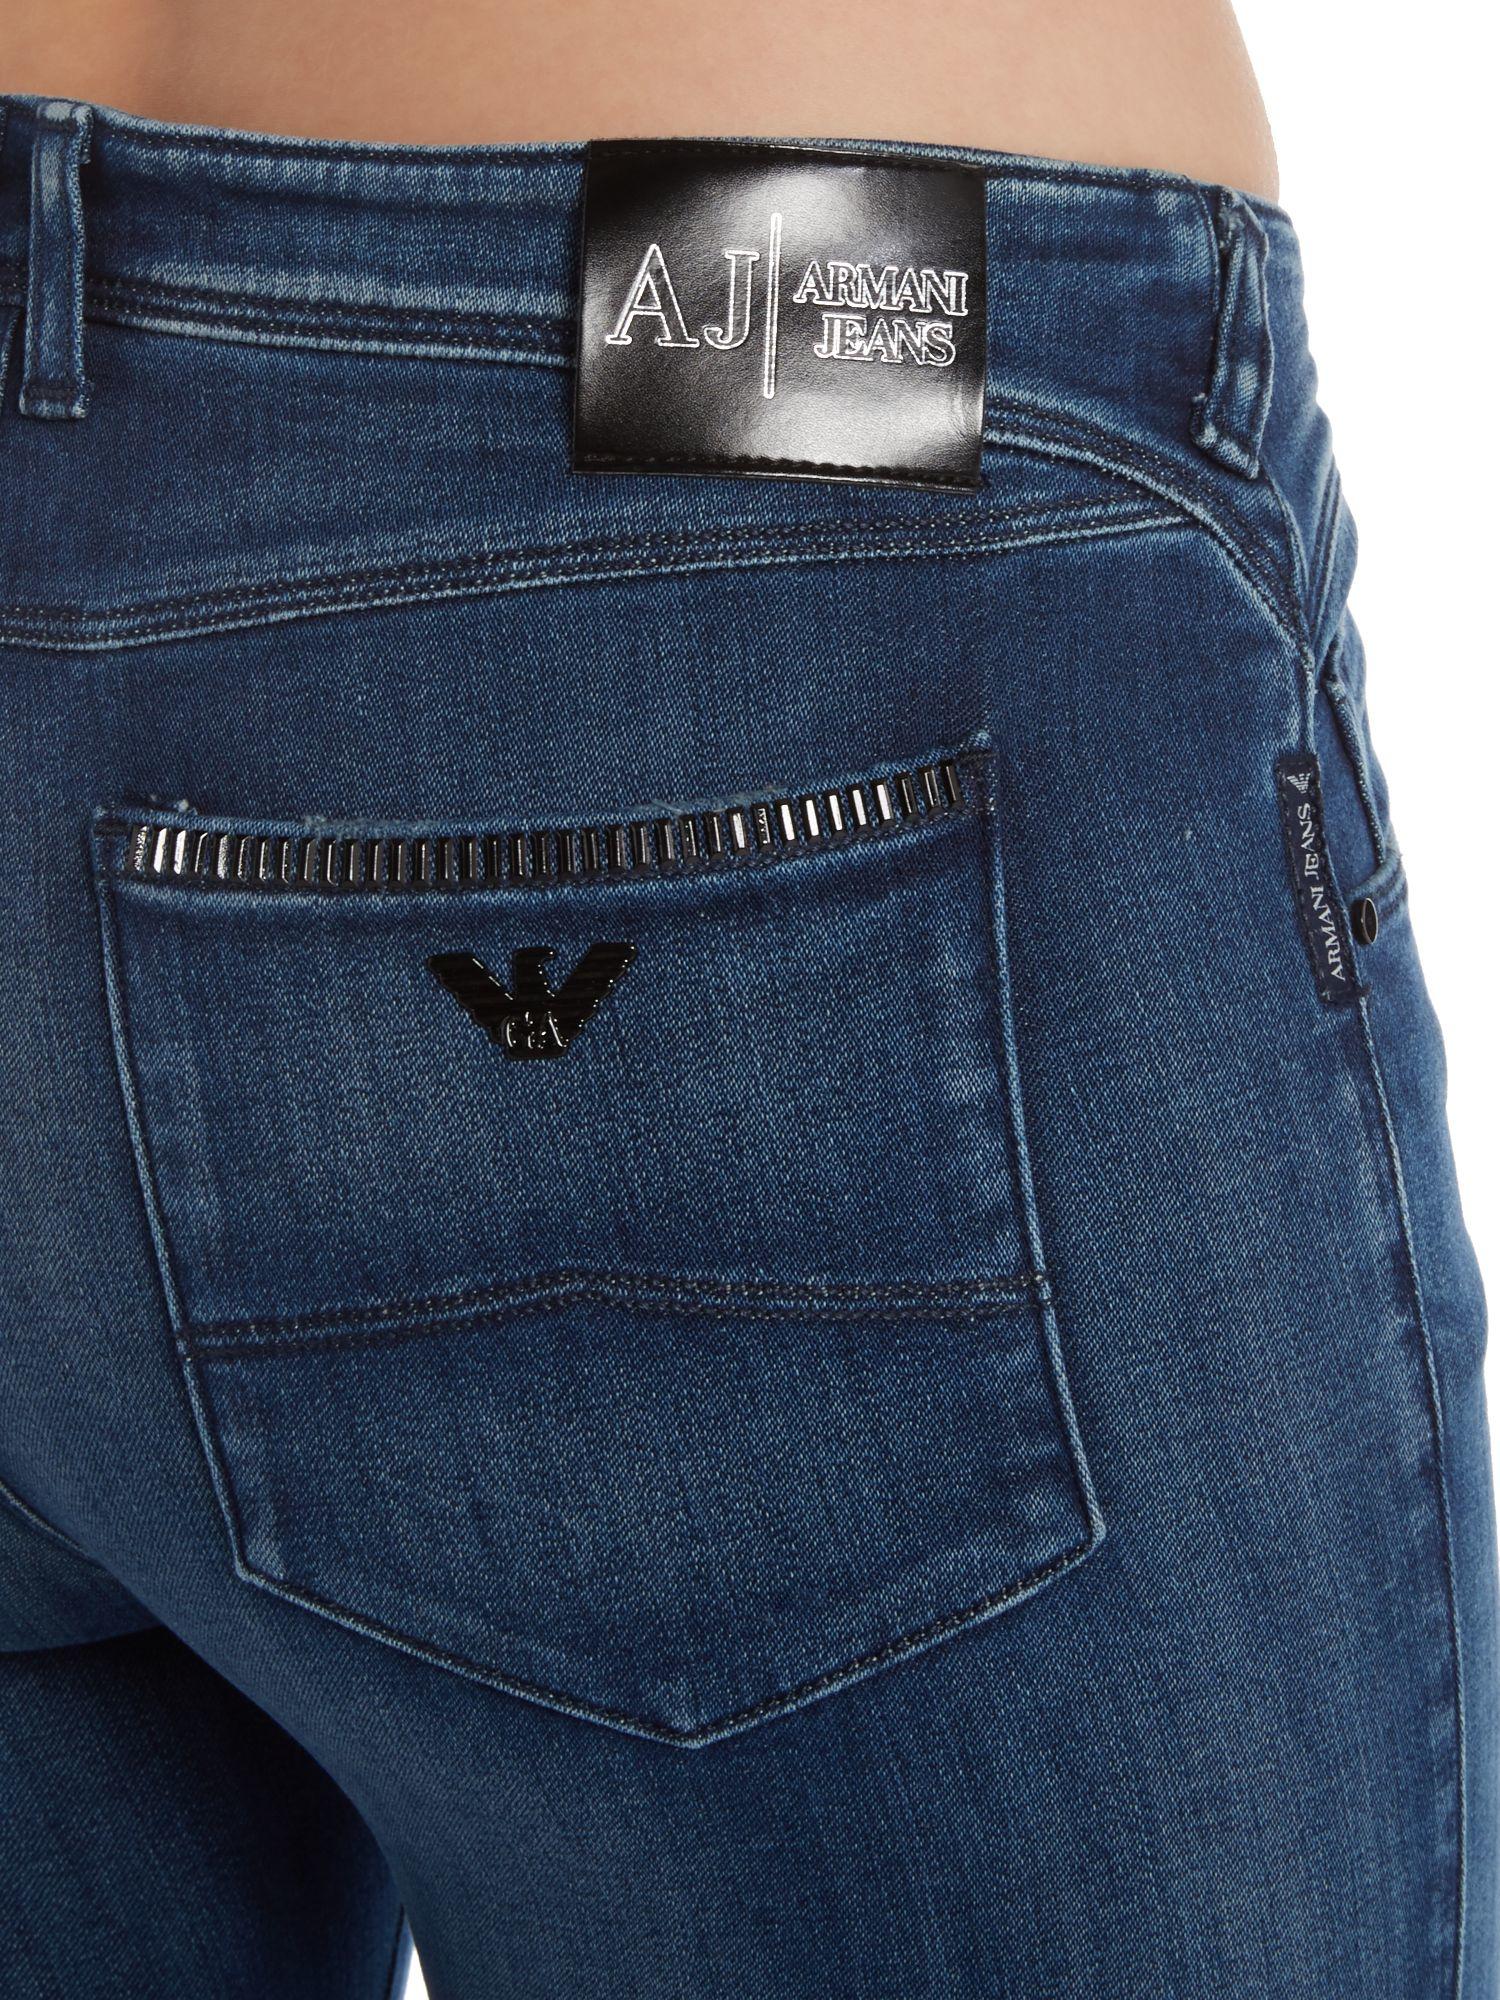 Slim Fit Jeans Women